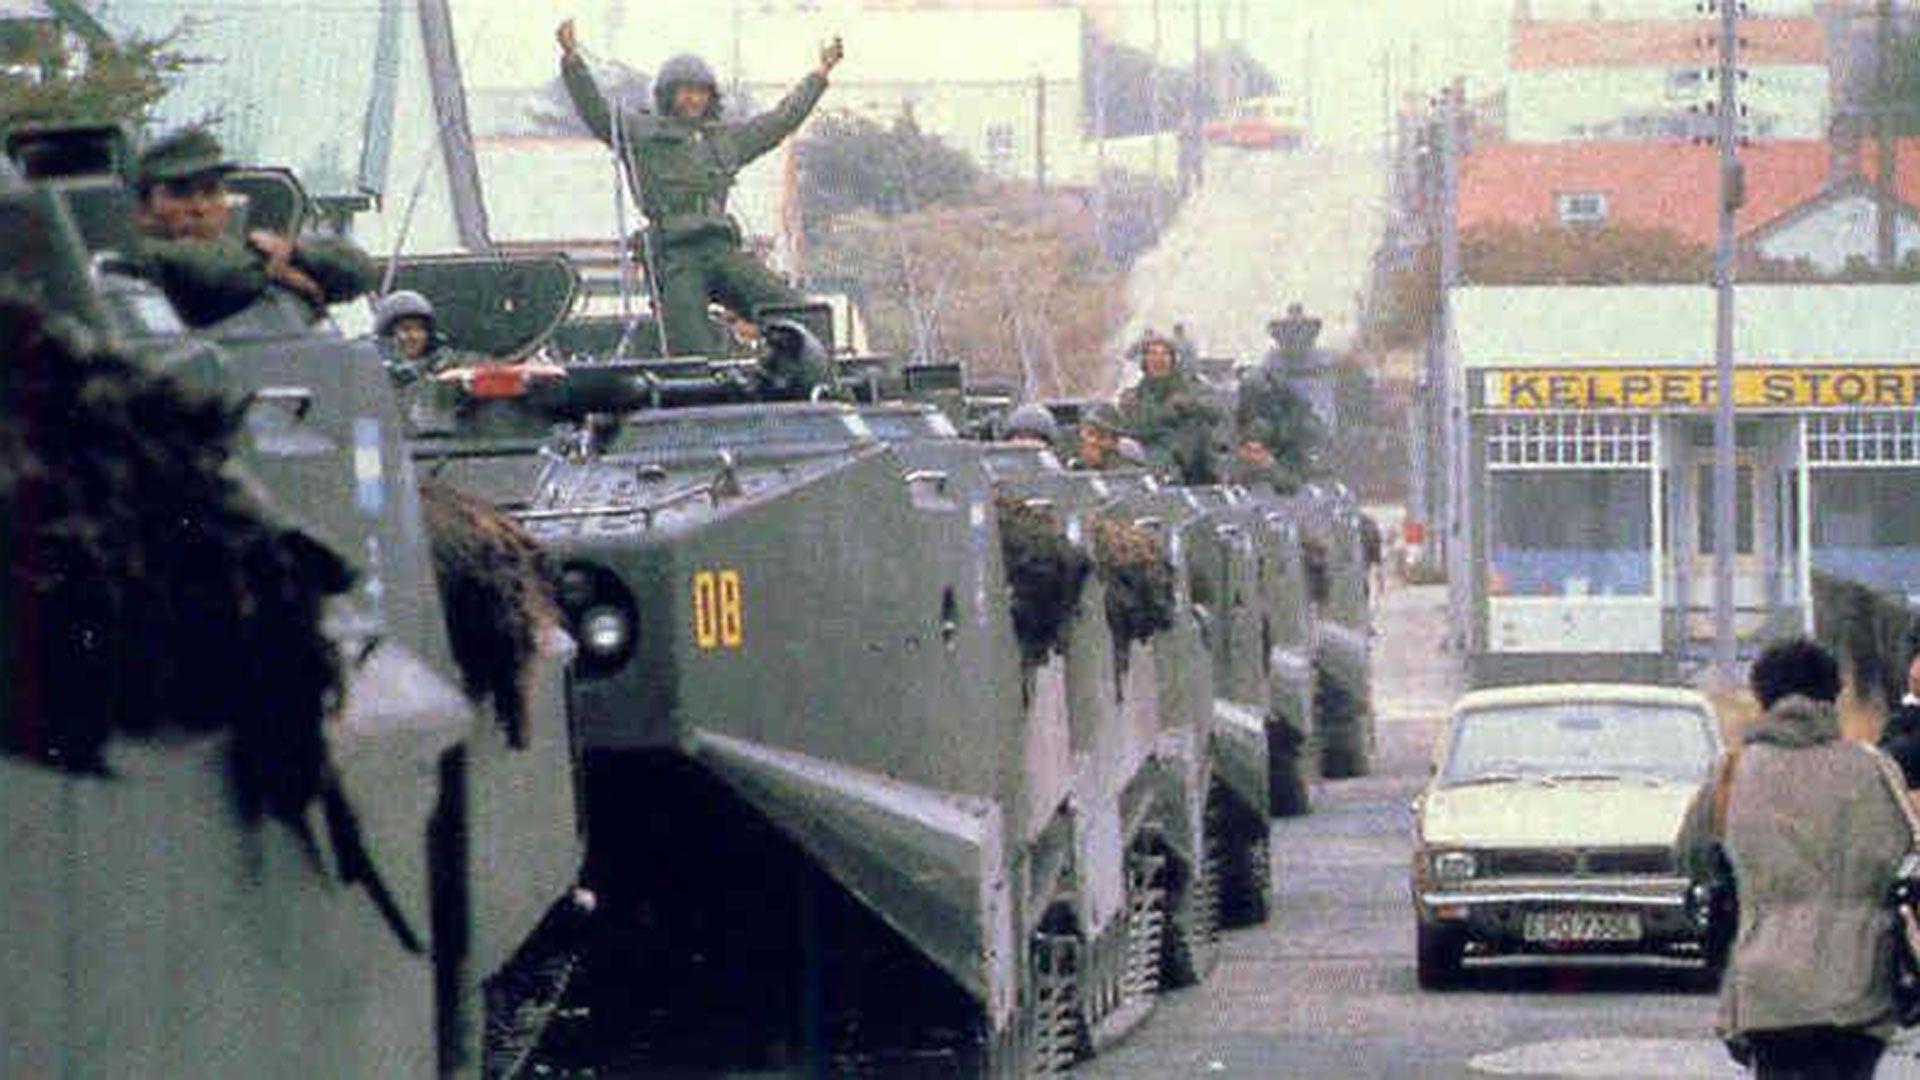 La Operación Rosario: 2 de abril de 1982, la Argentina recupera las islas Malvinas. El ARA Piedrabuena participó de la acción en rol de apoyo